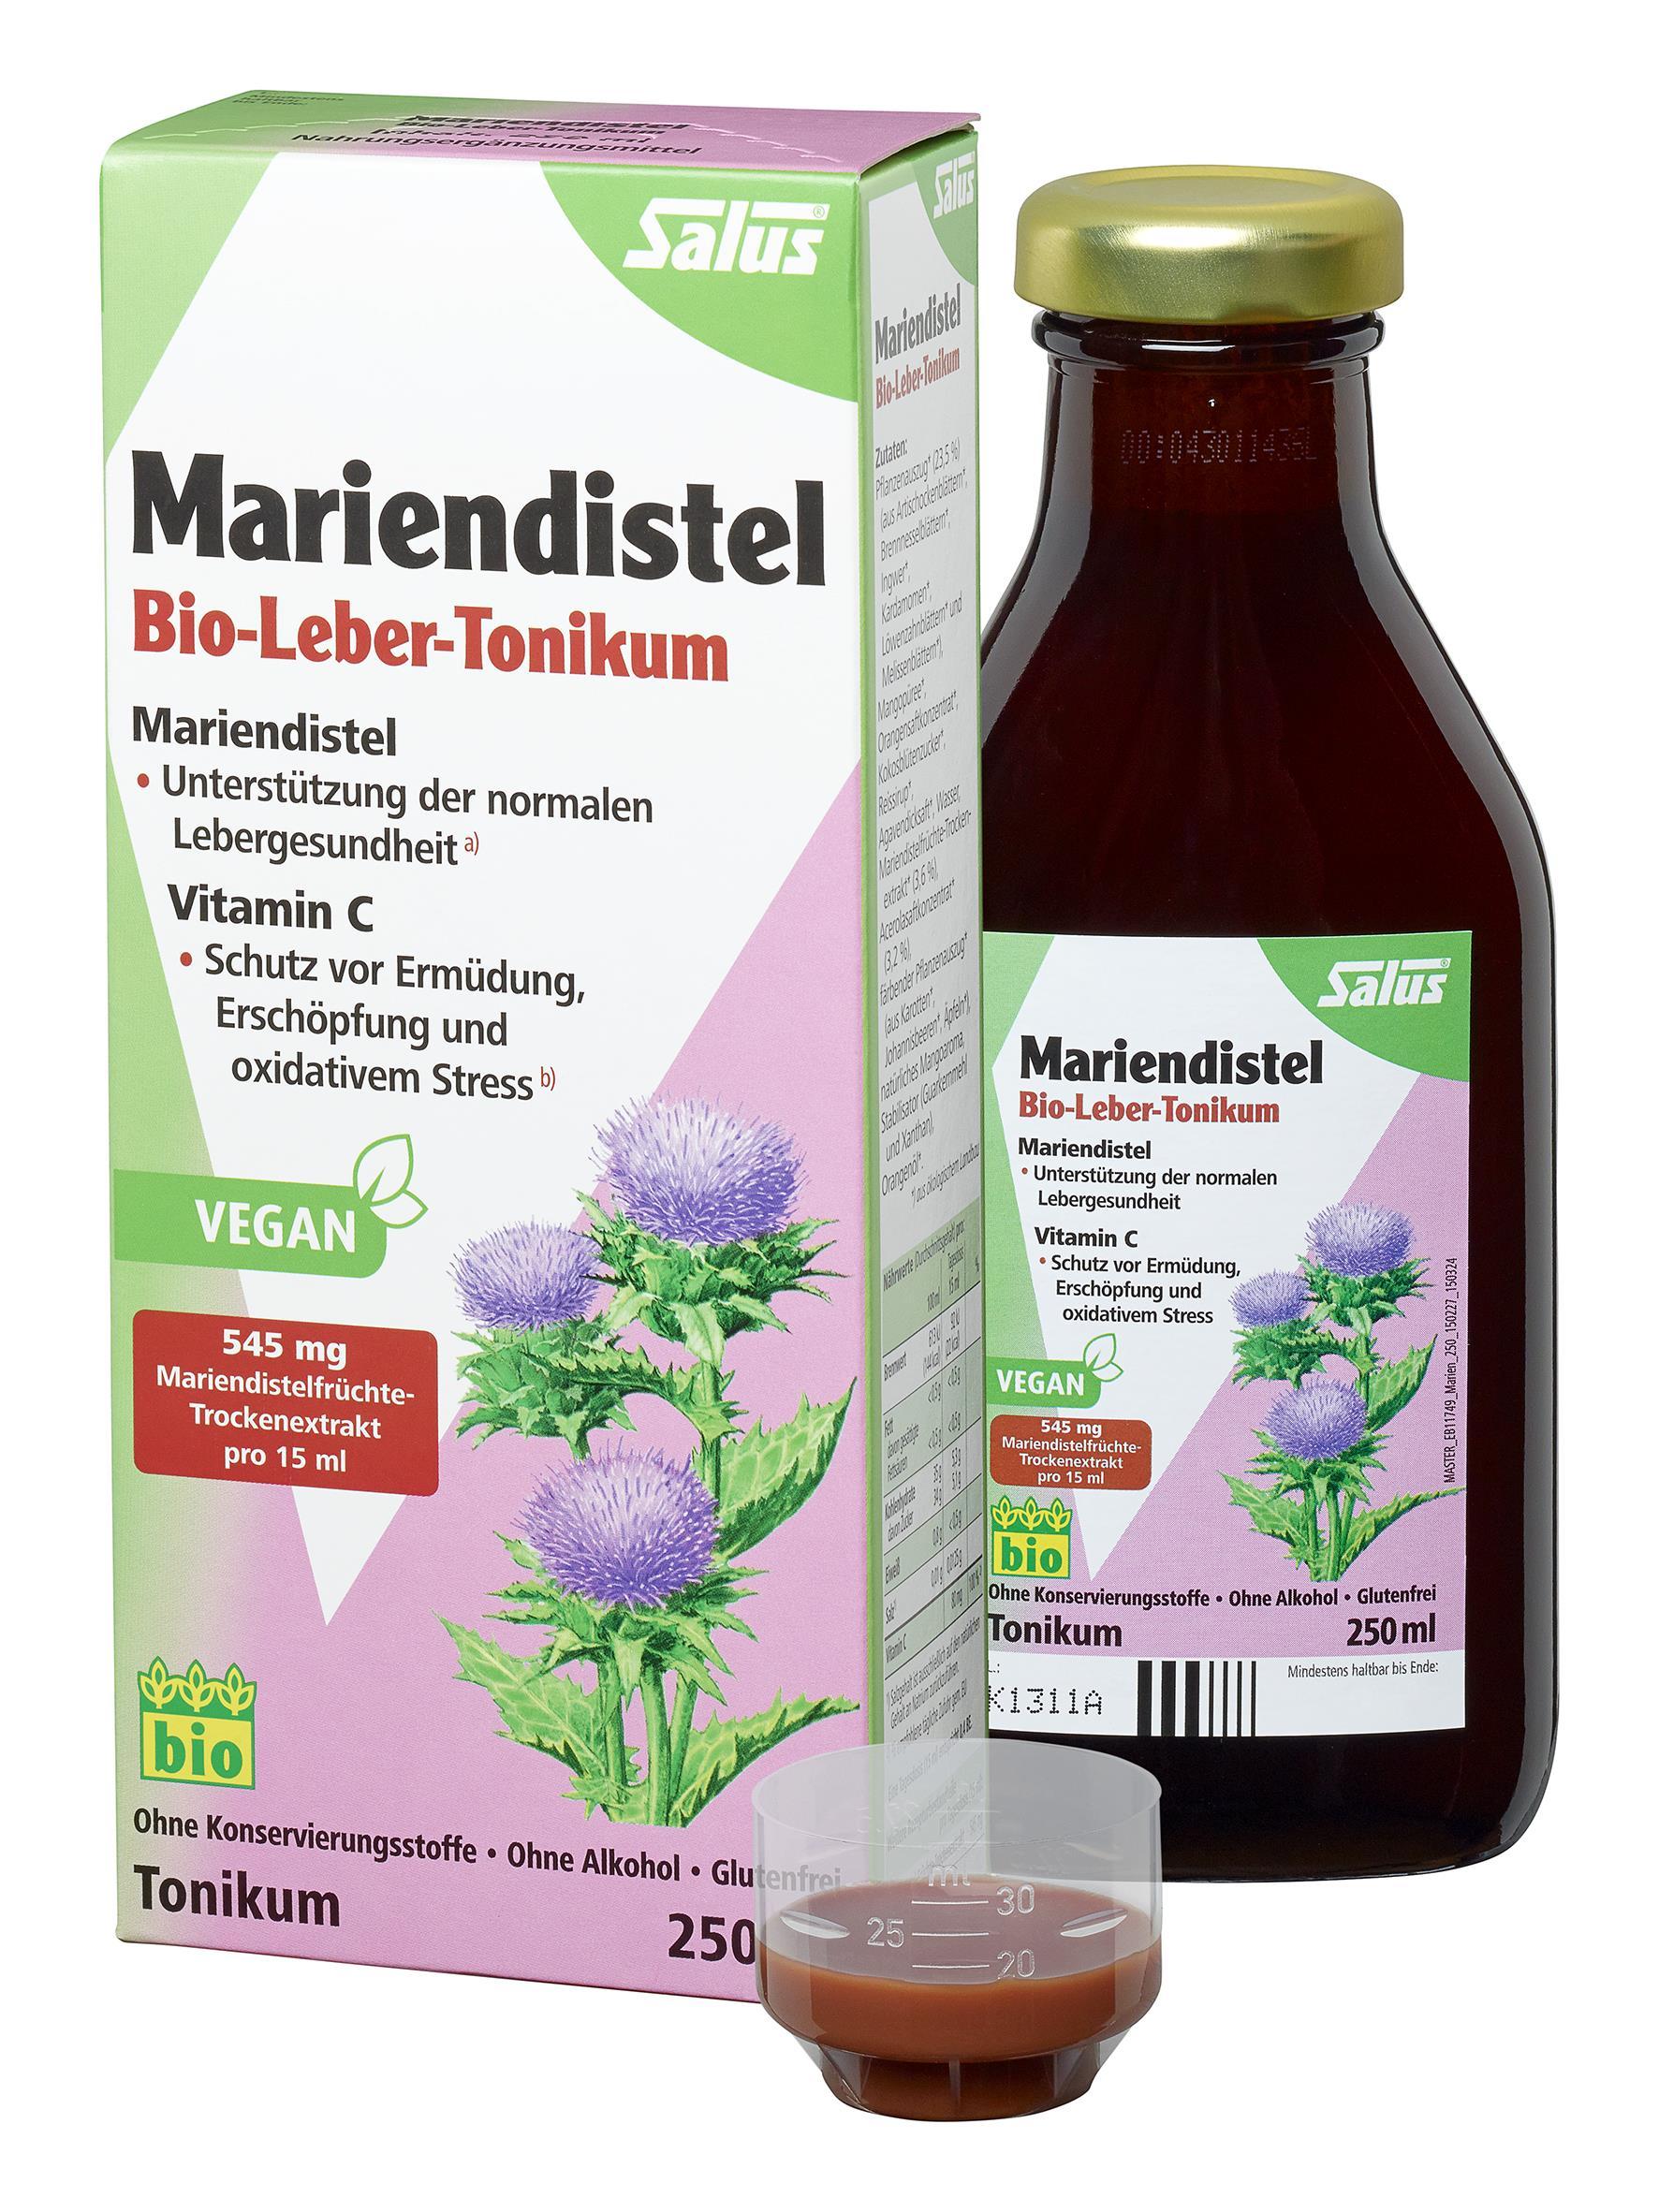 Salus Mariendistel BIO Leber-Tonikum